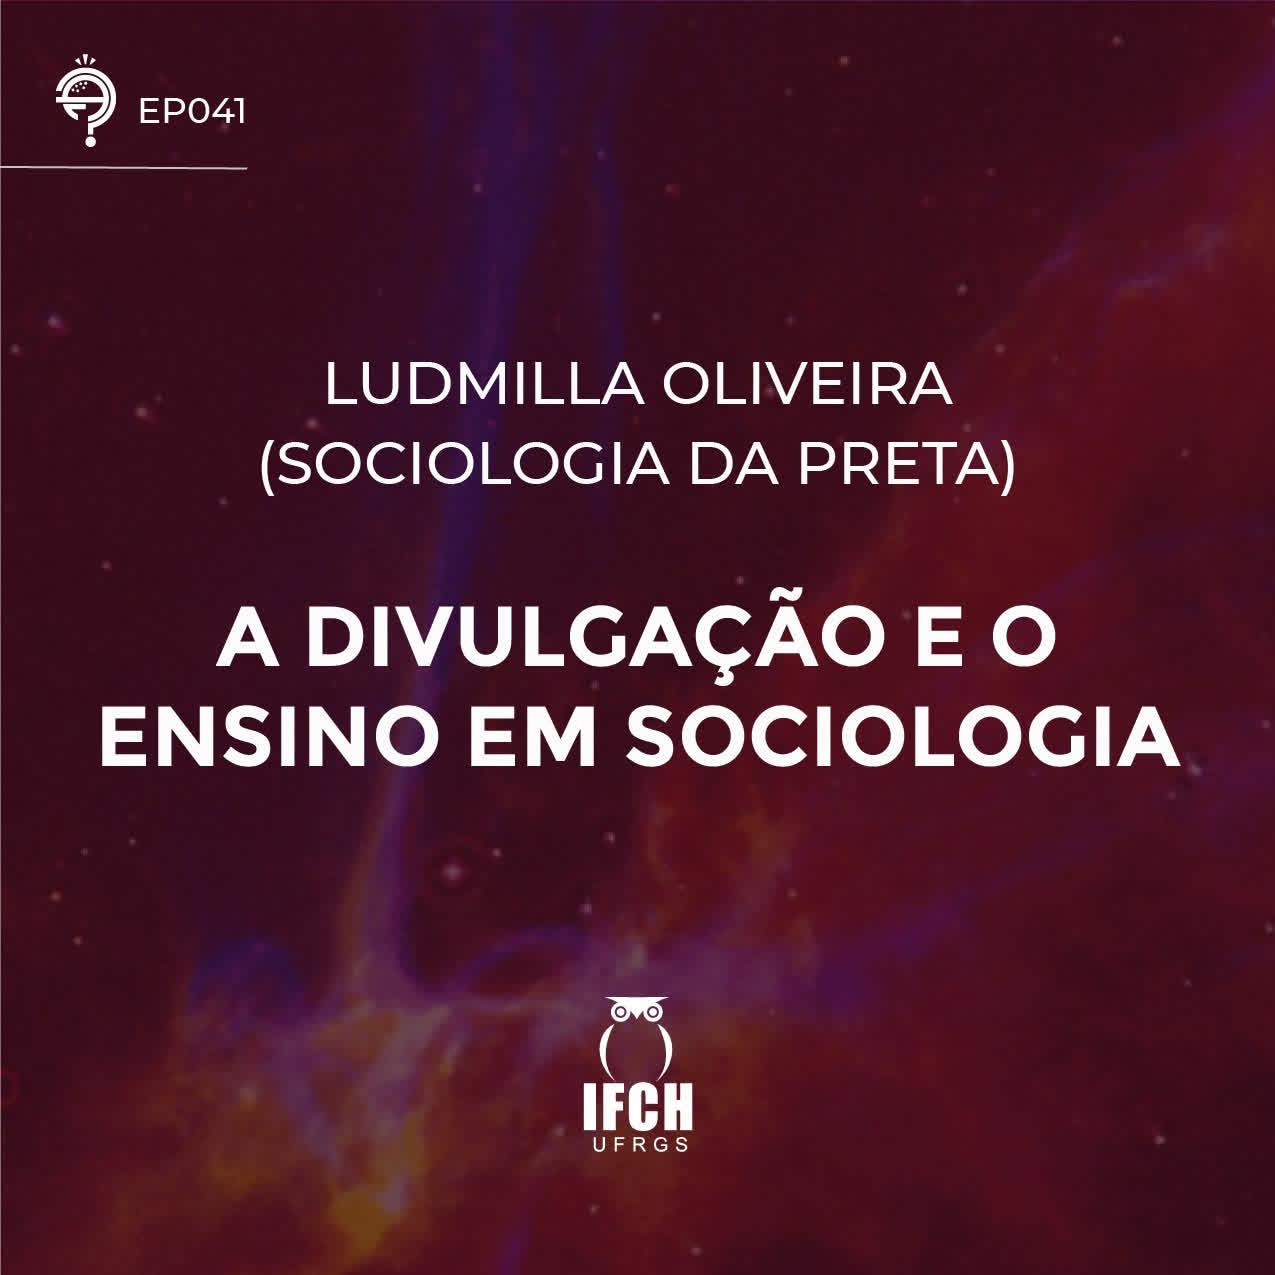 Ep. 041: A divulgação e o ensino em Sociologia